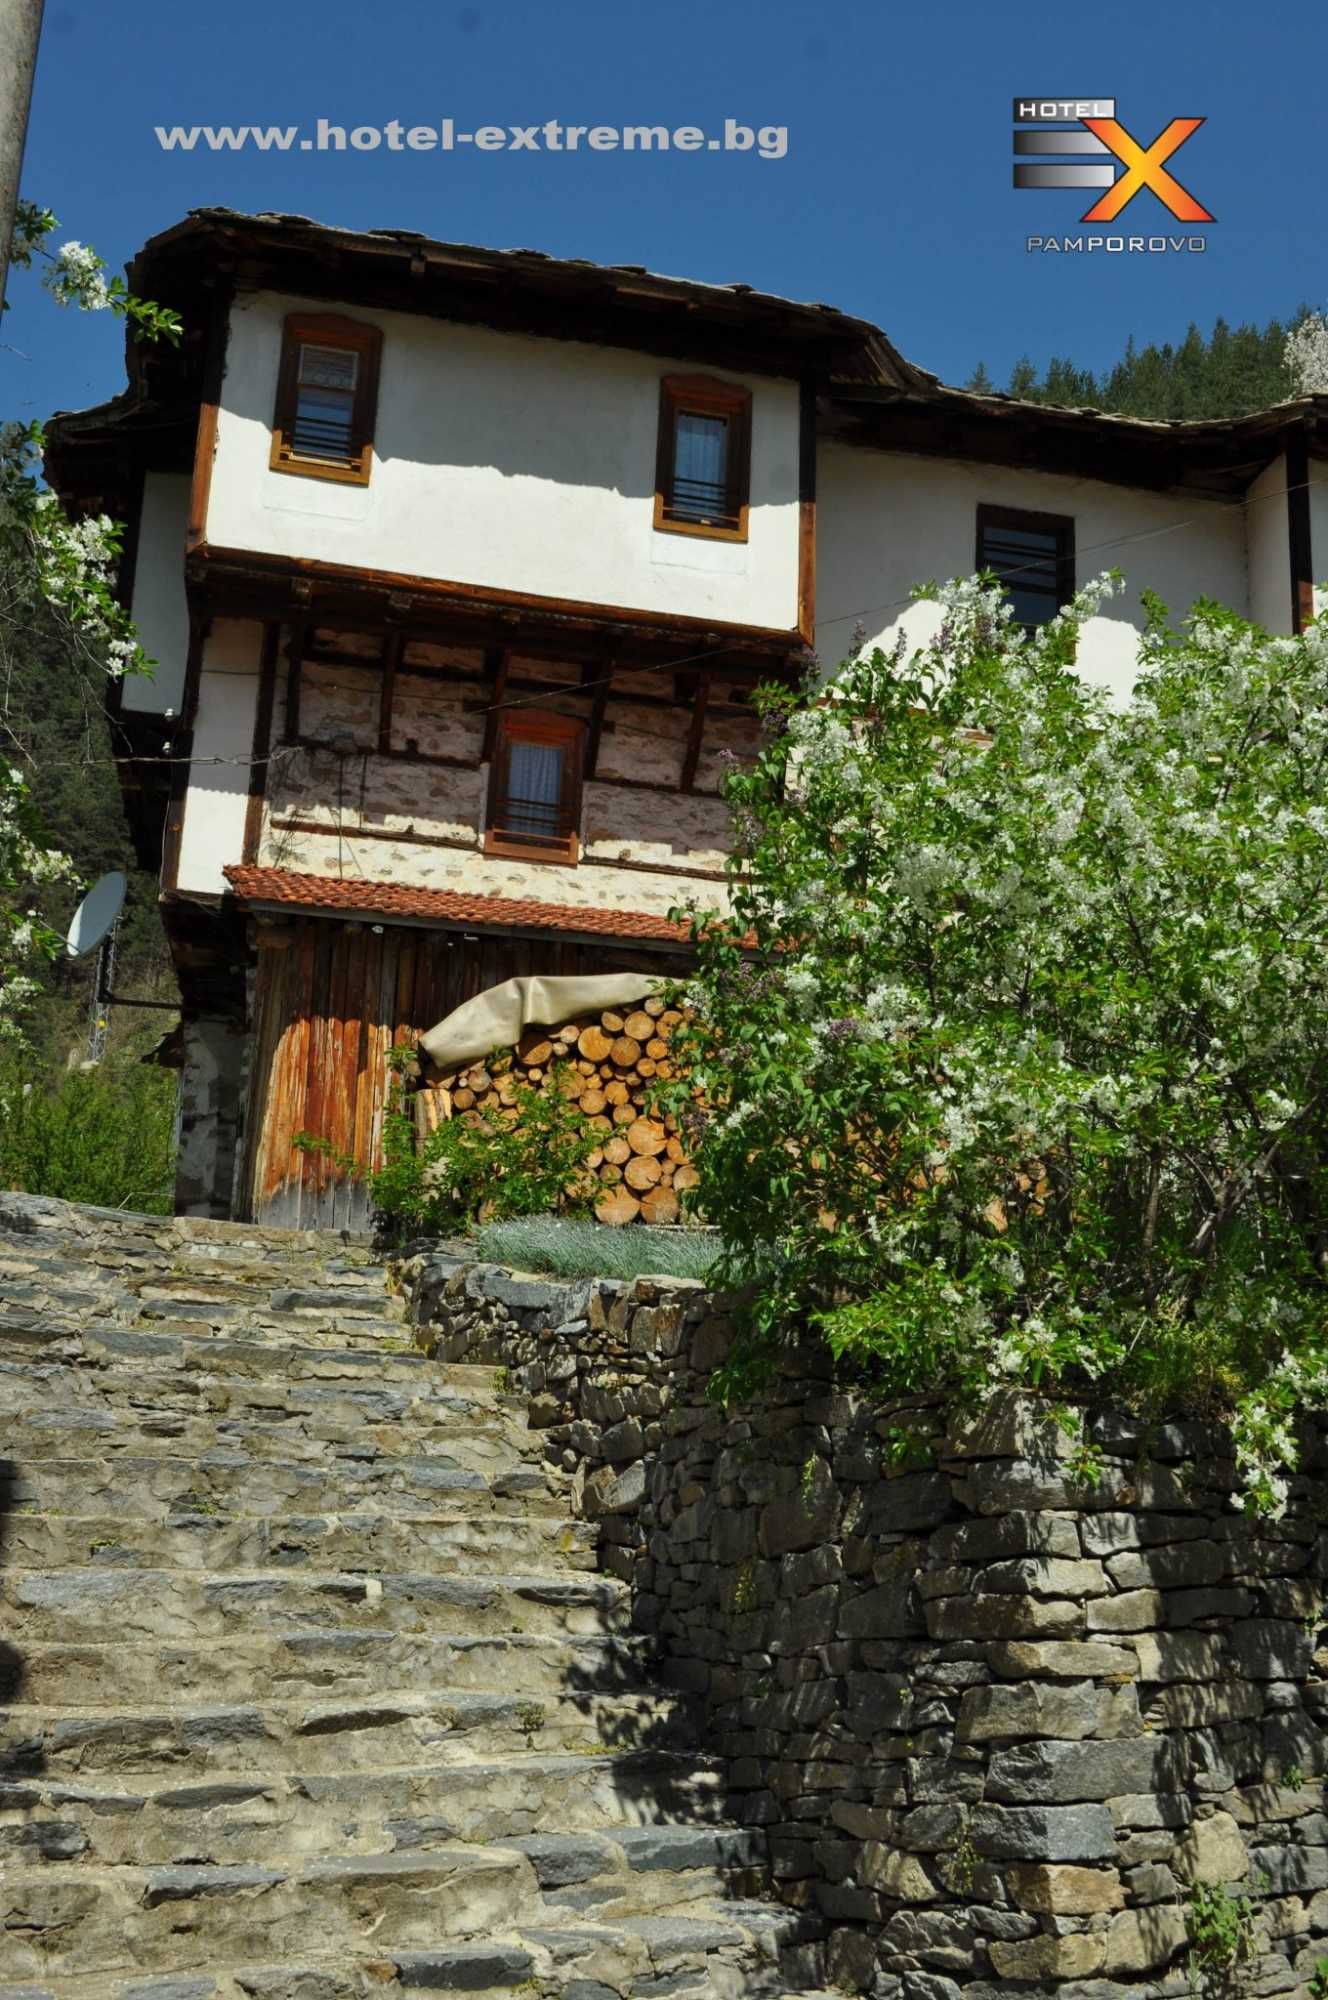 Традиционни родопски къщи в Широка лъка